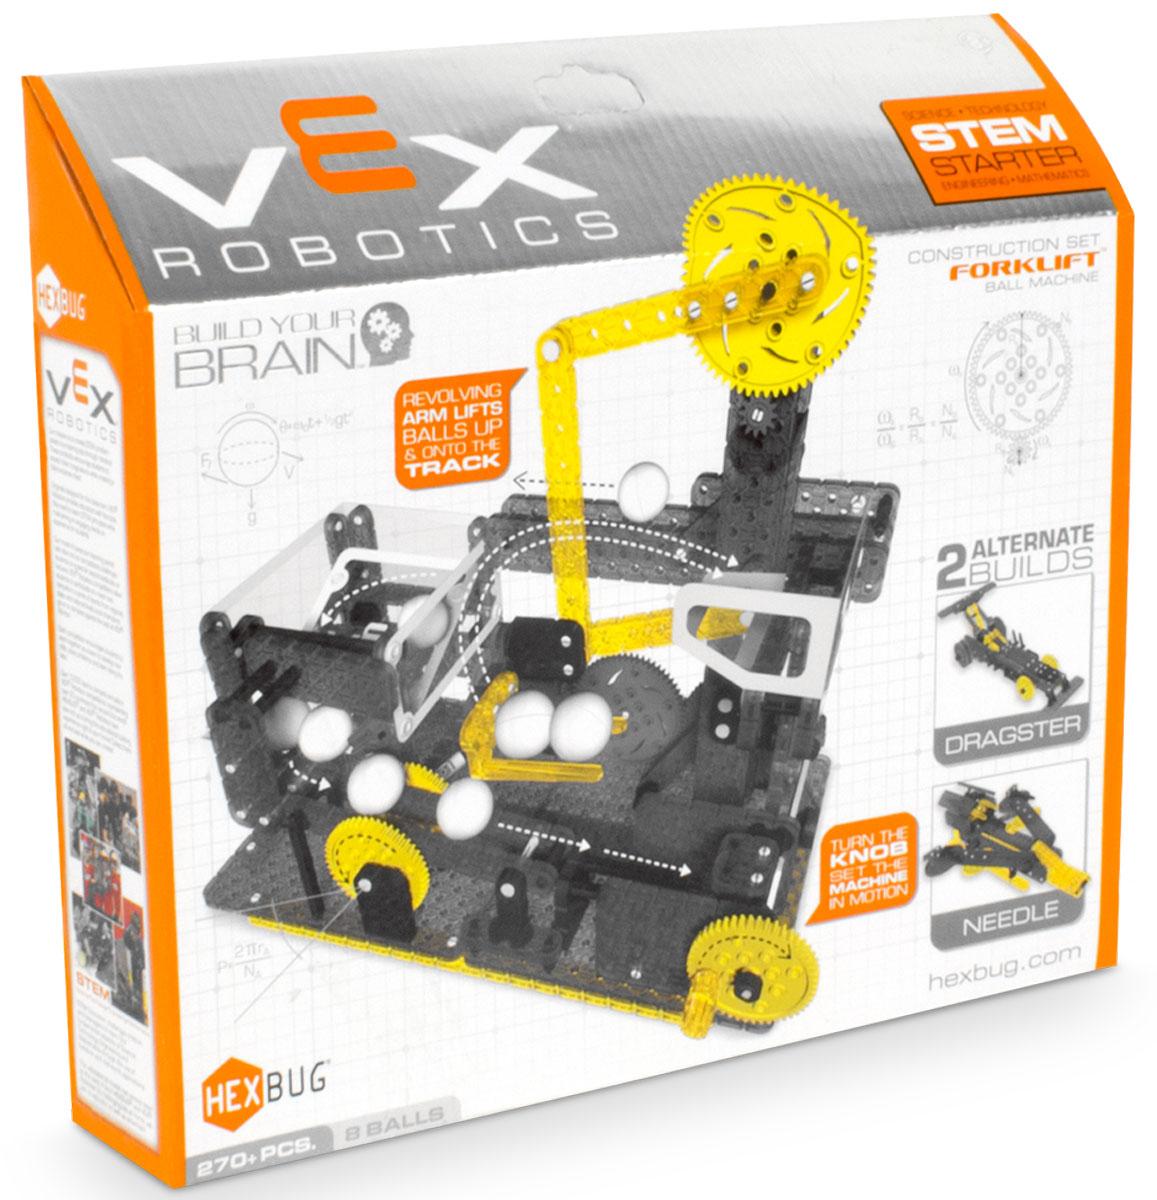 Hexbug Конструктор Vex Forklift Ball Machine406-4205Компания Innovation First, известная созданием конструкторов для соревнований VEX Competition, решила адаптировать свои идеи для каждого ребенка. Поэтому они запустили серию VEX Hexbug. Это небольшие конструкторы для создания несложных действующих механизмов. Hexbug Vex Fork Lift — один из интересных представителей этой линейки. Этот набор состоит из 270 элементов. В результате сборки, ребенок получит уникальный механизм, способный поднимать и перемещать маленькие шарики со скоростью 1 шарик в секунду. Достаточно будет только провернуть ручку. И это еще не все! Ребенок может проявить свою фантазию, и сделать несколько модификаций или, при наличии других наборов, собрать большой конвейер. При желании, можно отдельно приобрести электродвигатели, и автоматизировать весь механизм. Эти наборы будут интересны не только детям, но и их родителям. С помощью этих конструкторов, они смогут познакомить детей с миром механики в игровой форме.